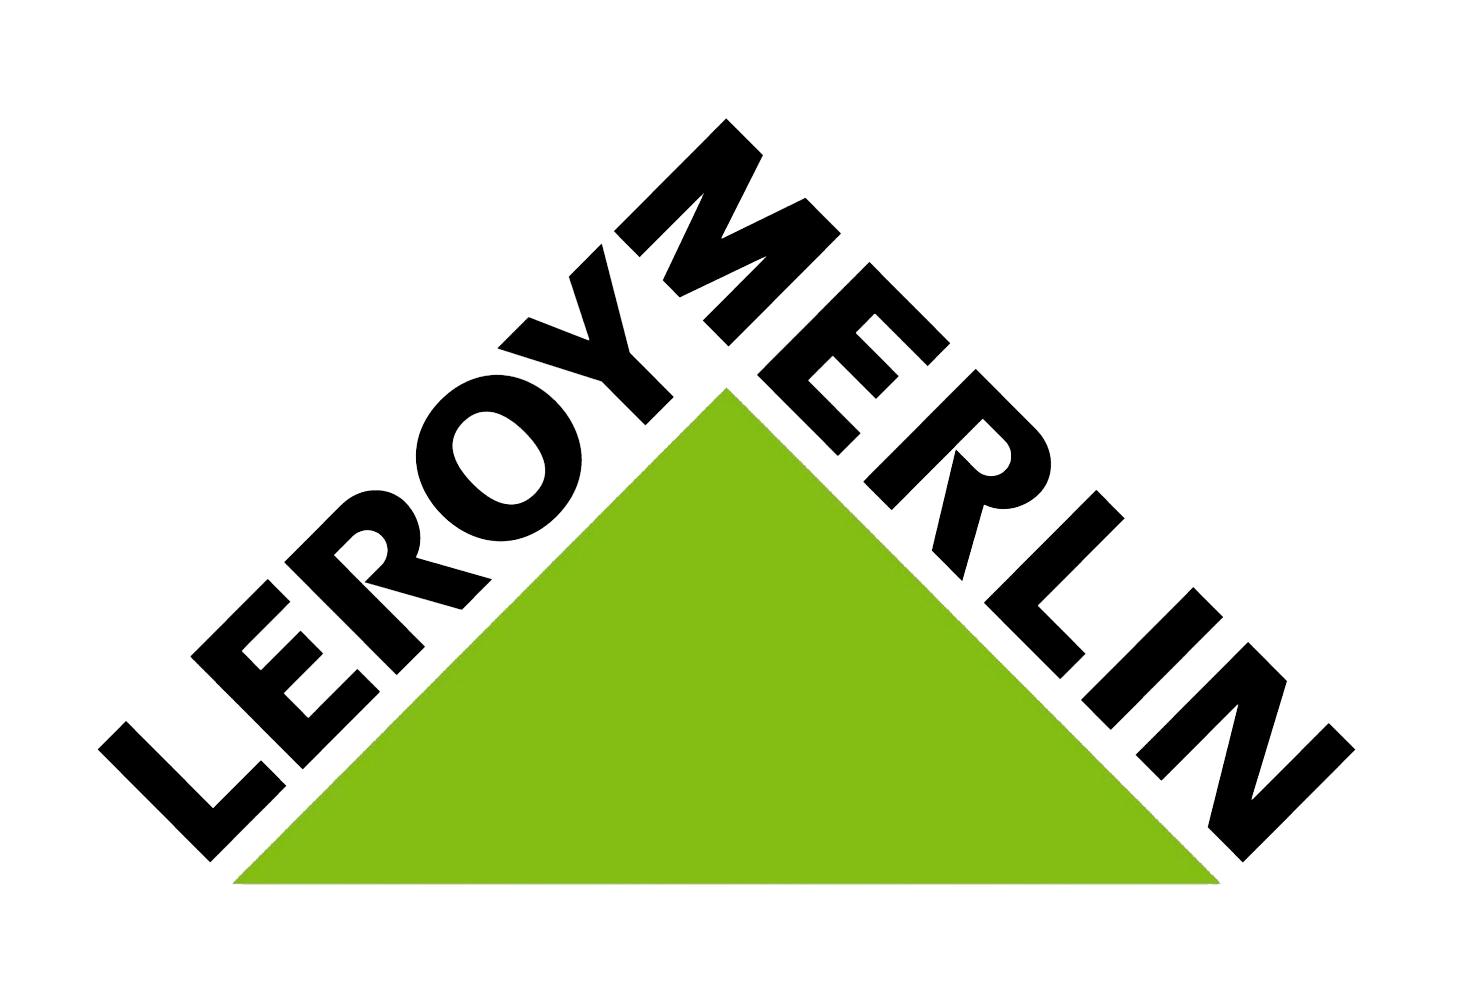 LEROY MERLIN - 25 Abril 15% descuento para socios